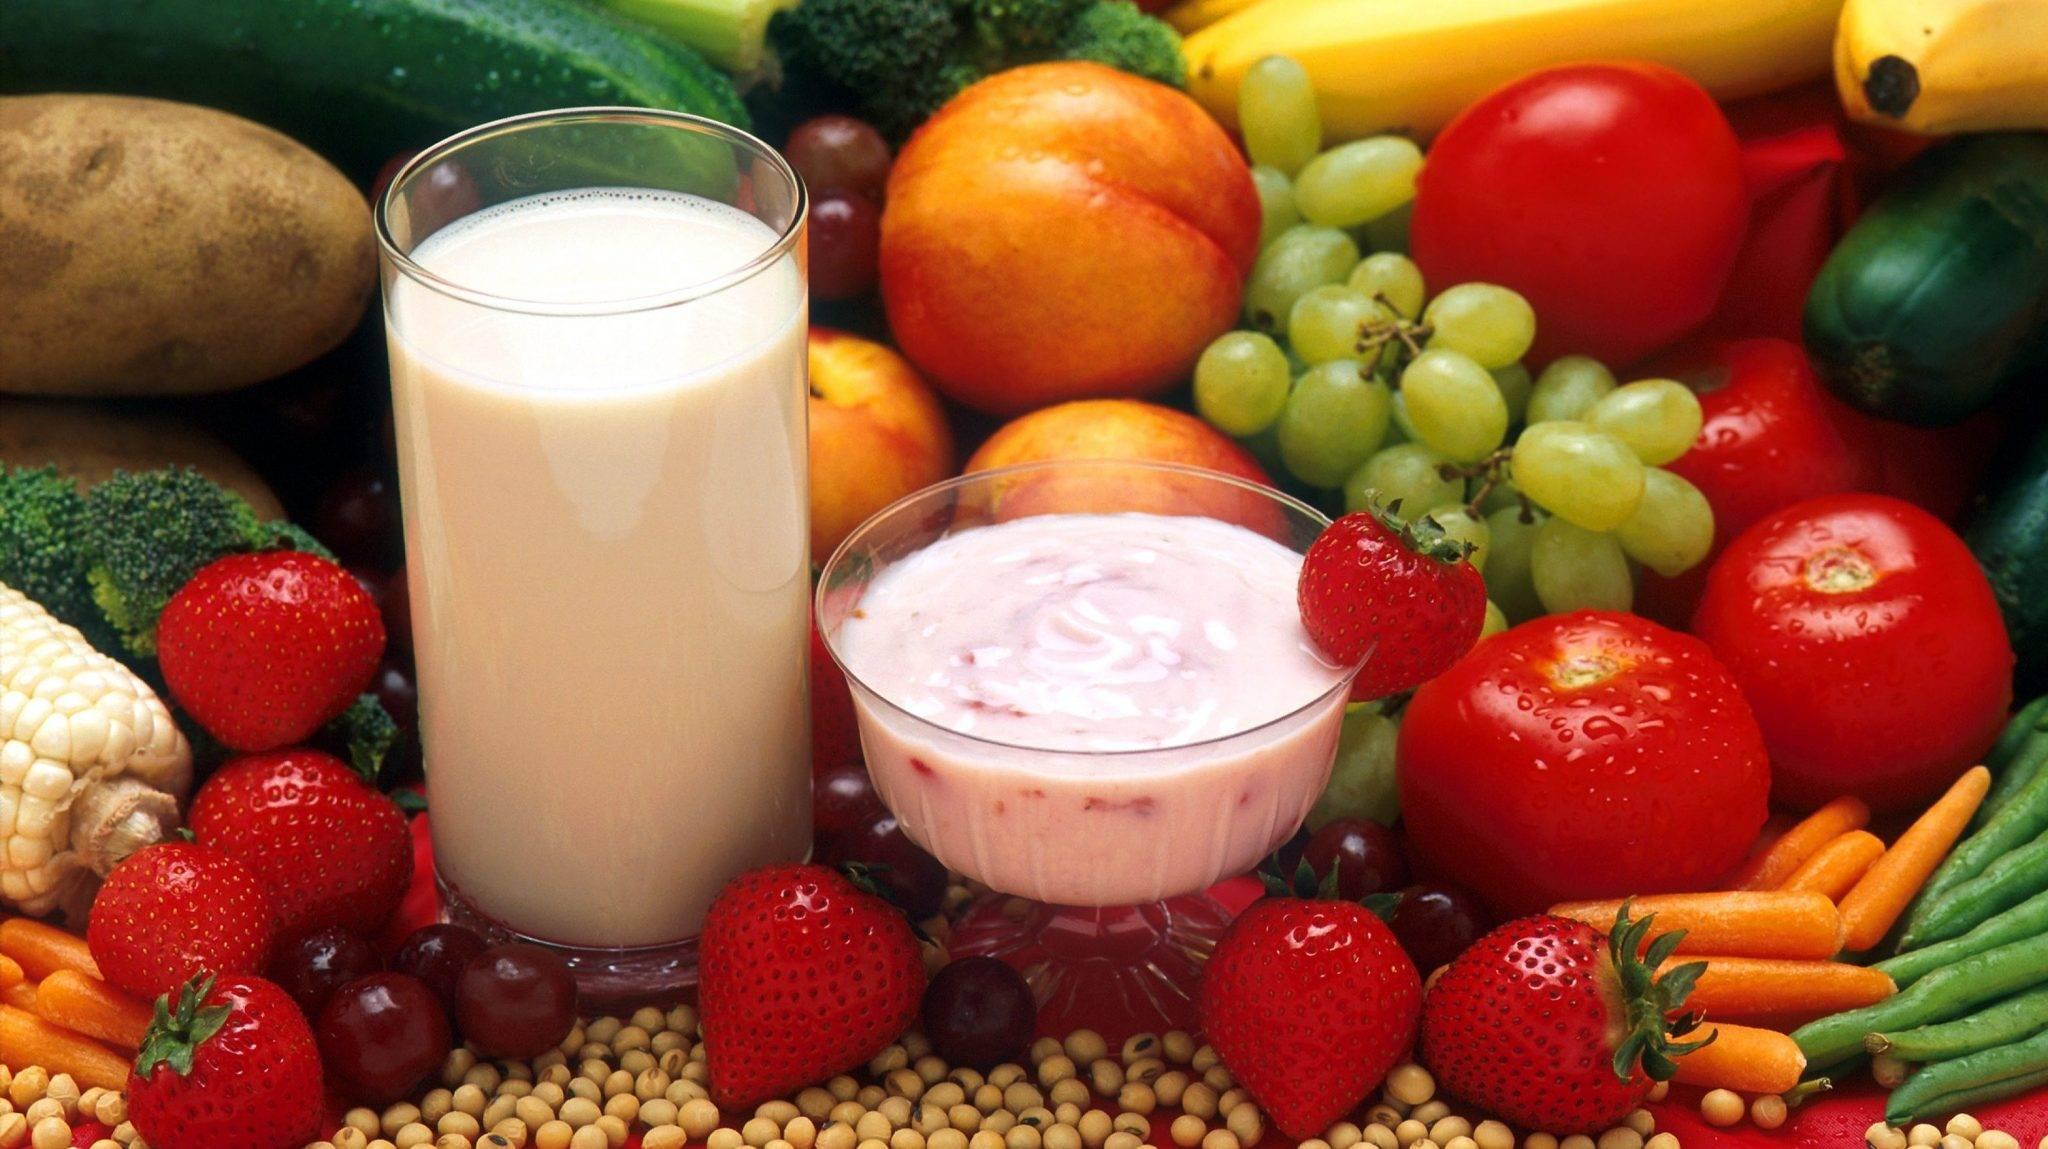 Liste bsische und säurebildende Lebensmittel